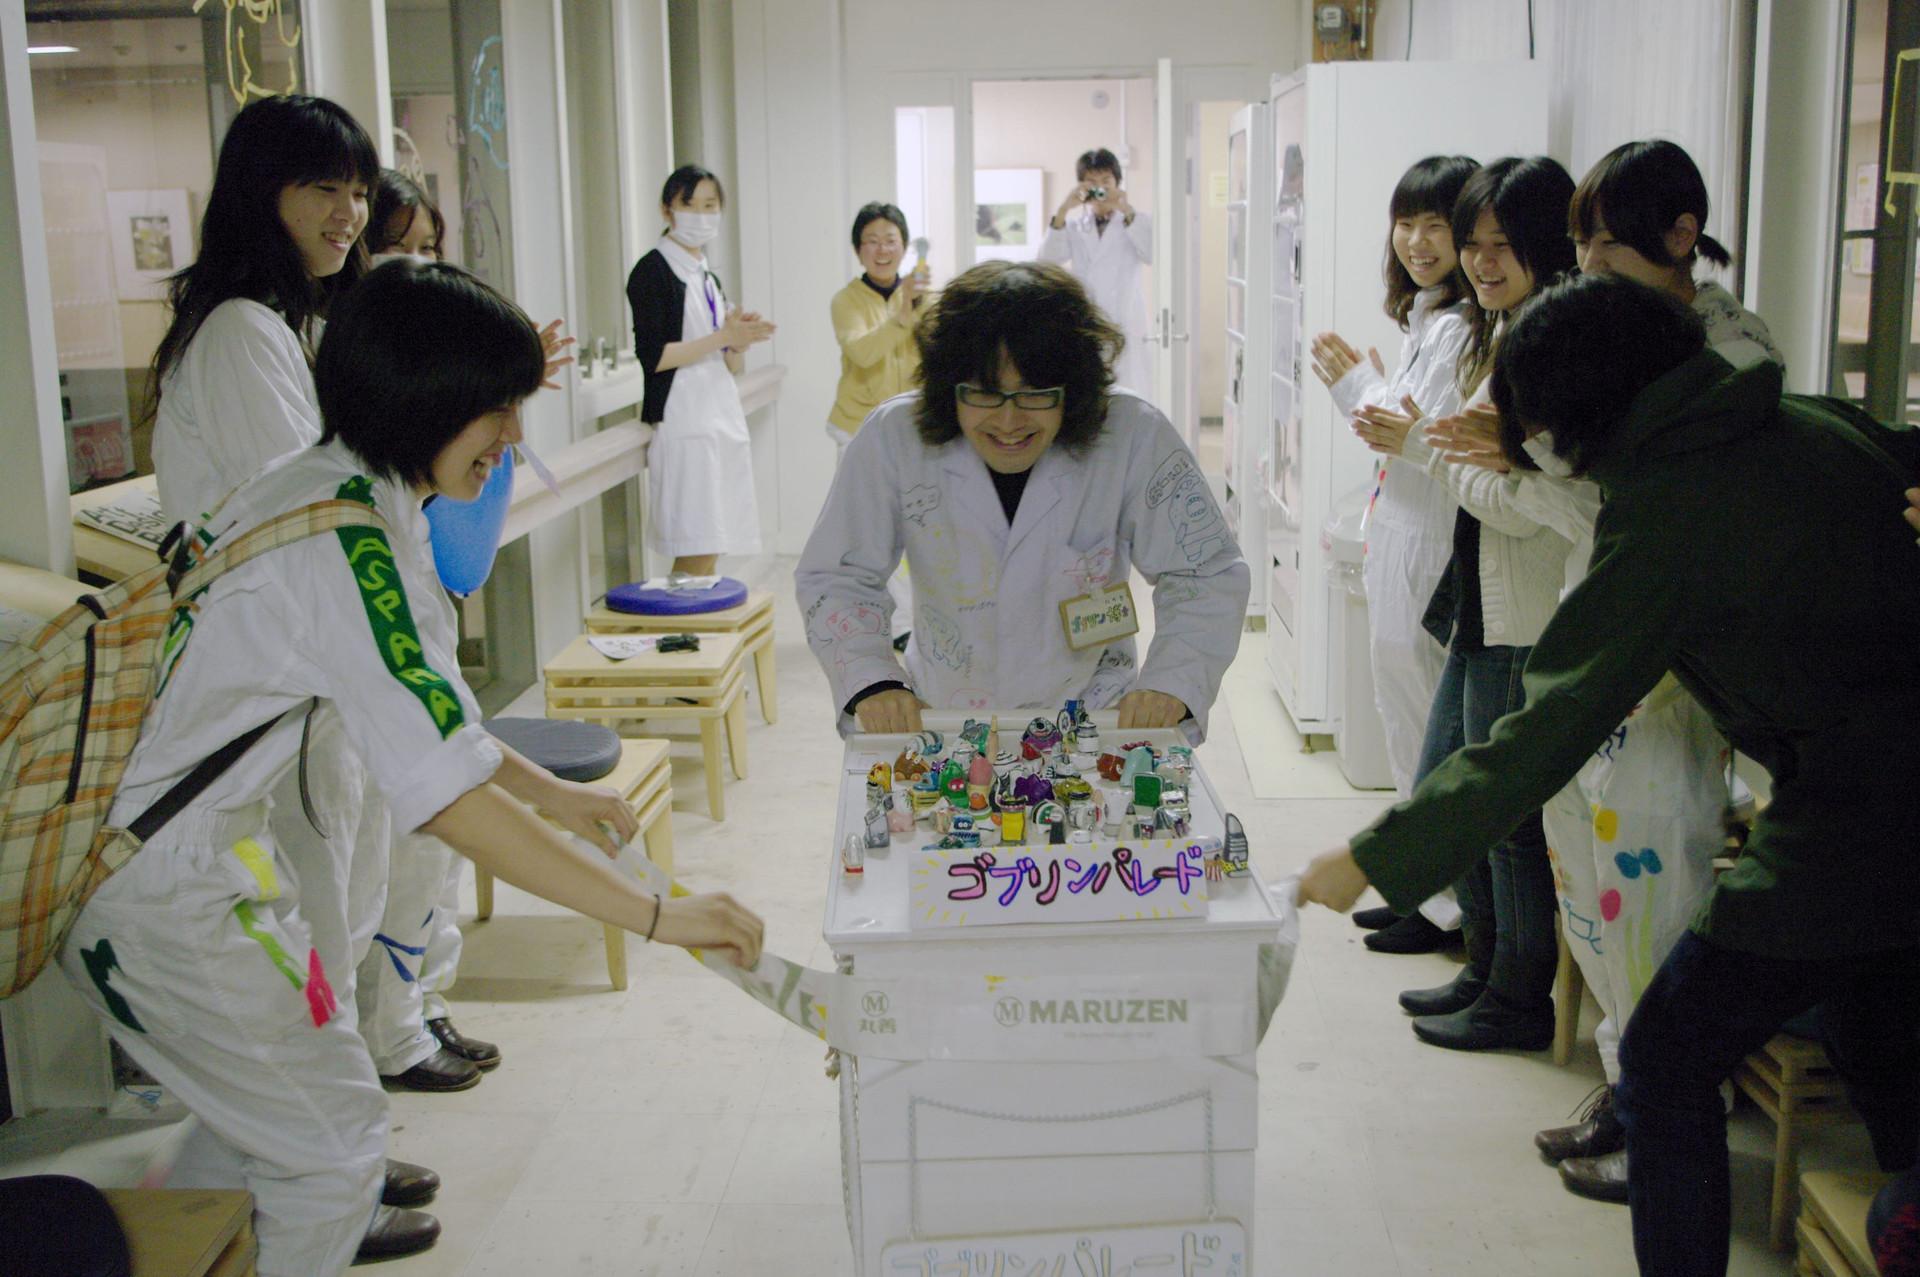 ゴブリン博士の病院ゴブリン/小中大地